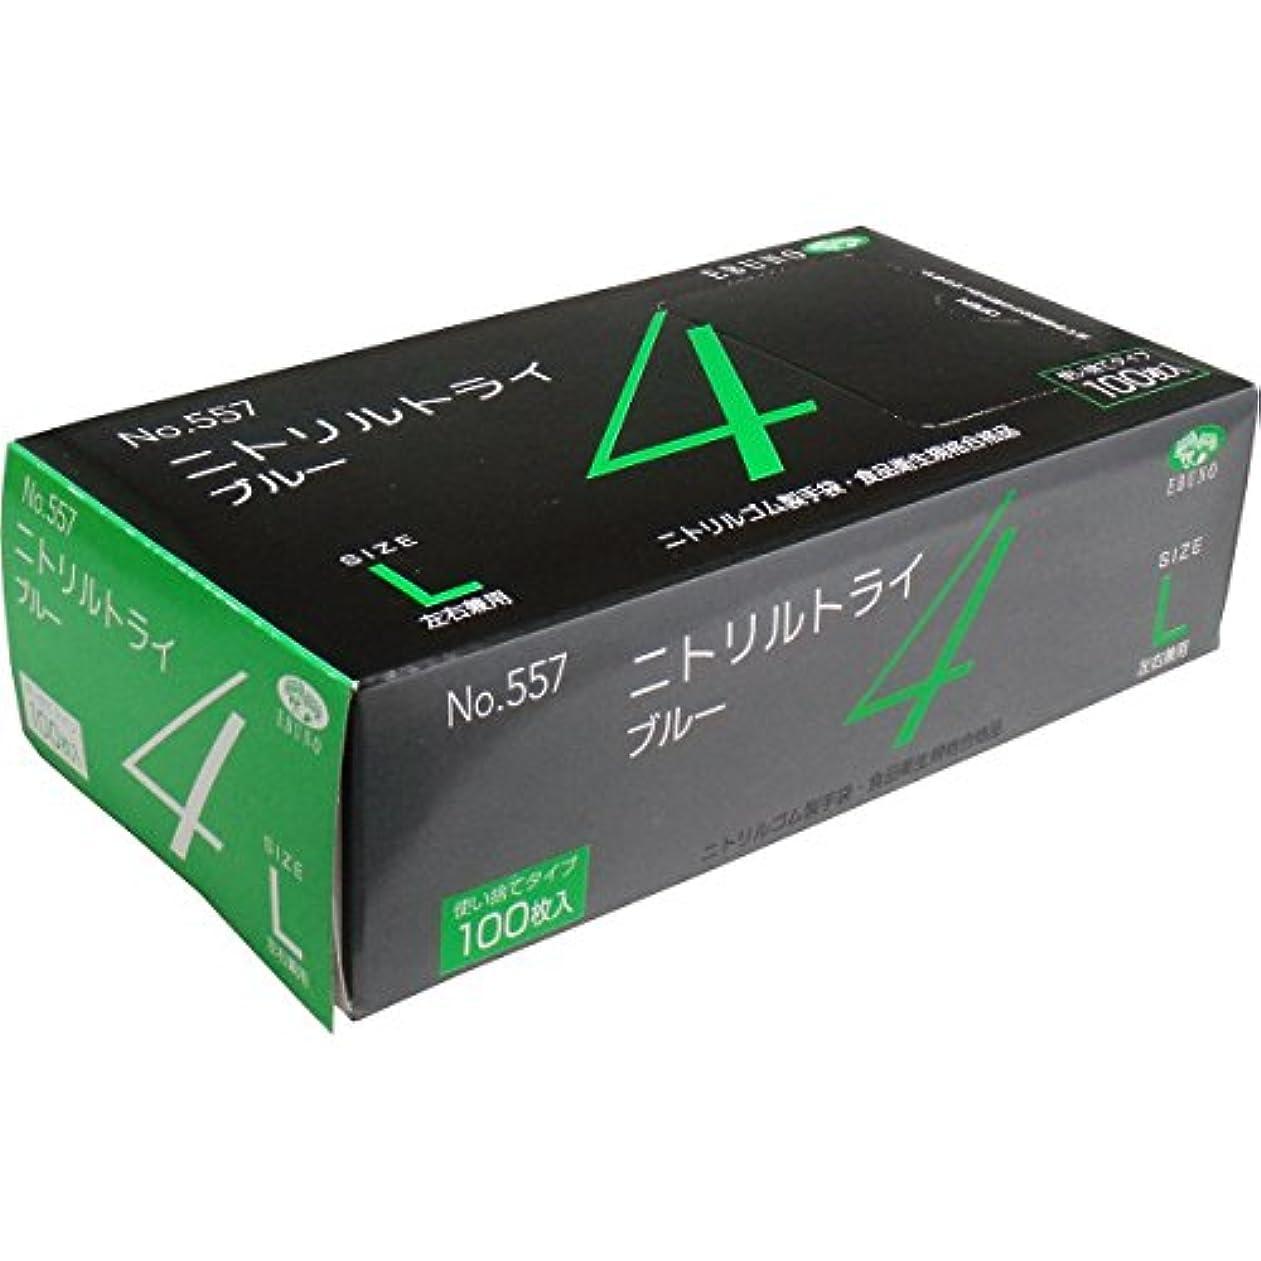 ピジン入学する怠感ニトリルトライ4 №557 ブルー 粉付 Lサイズ 100枚入